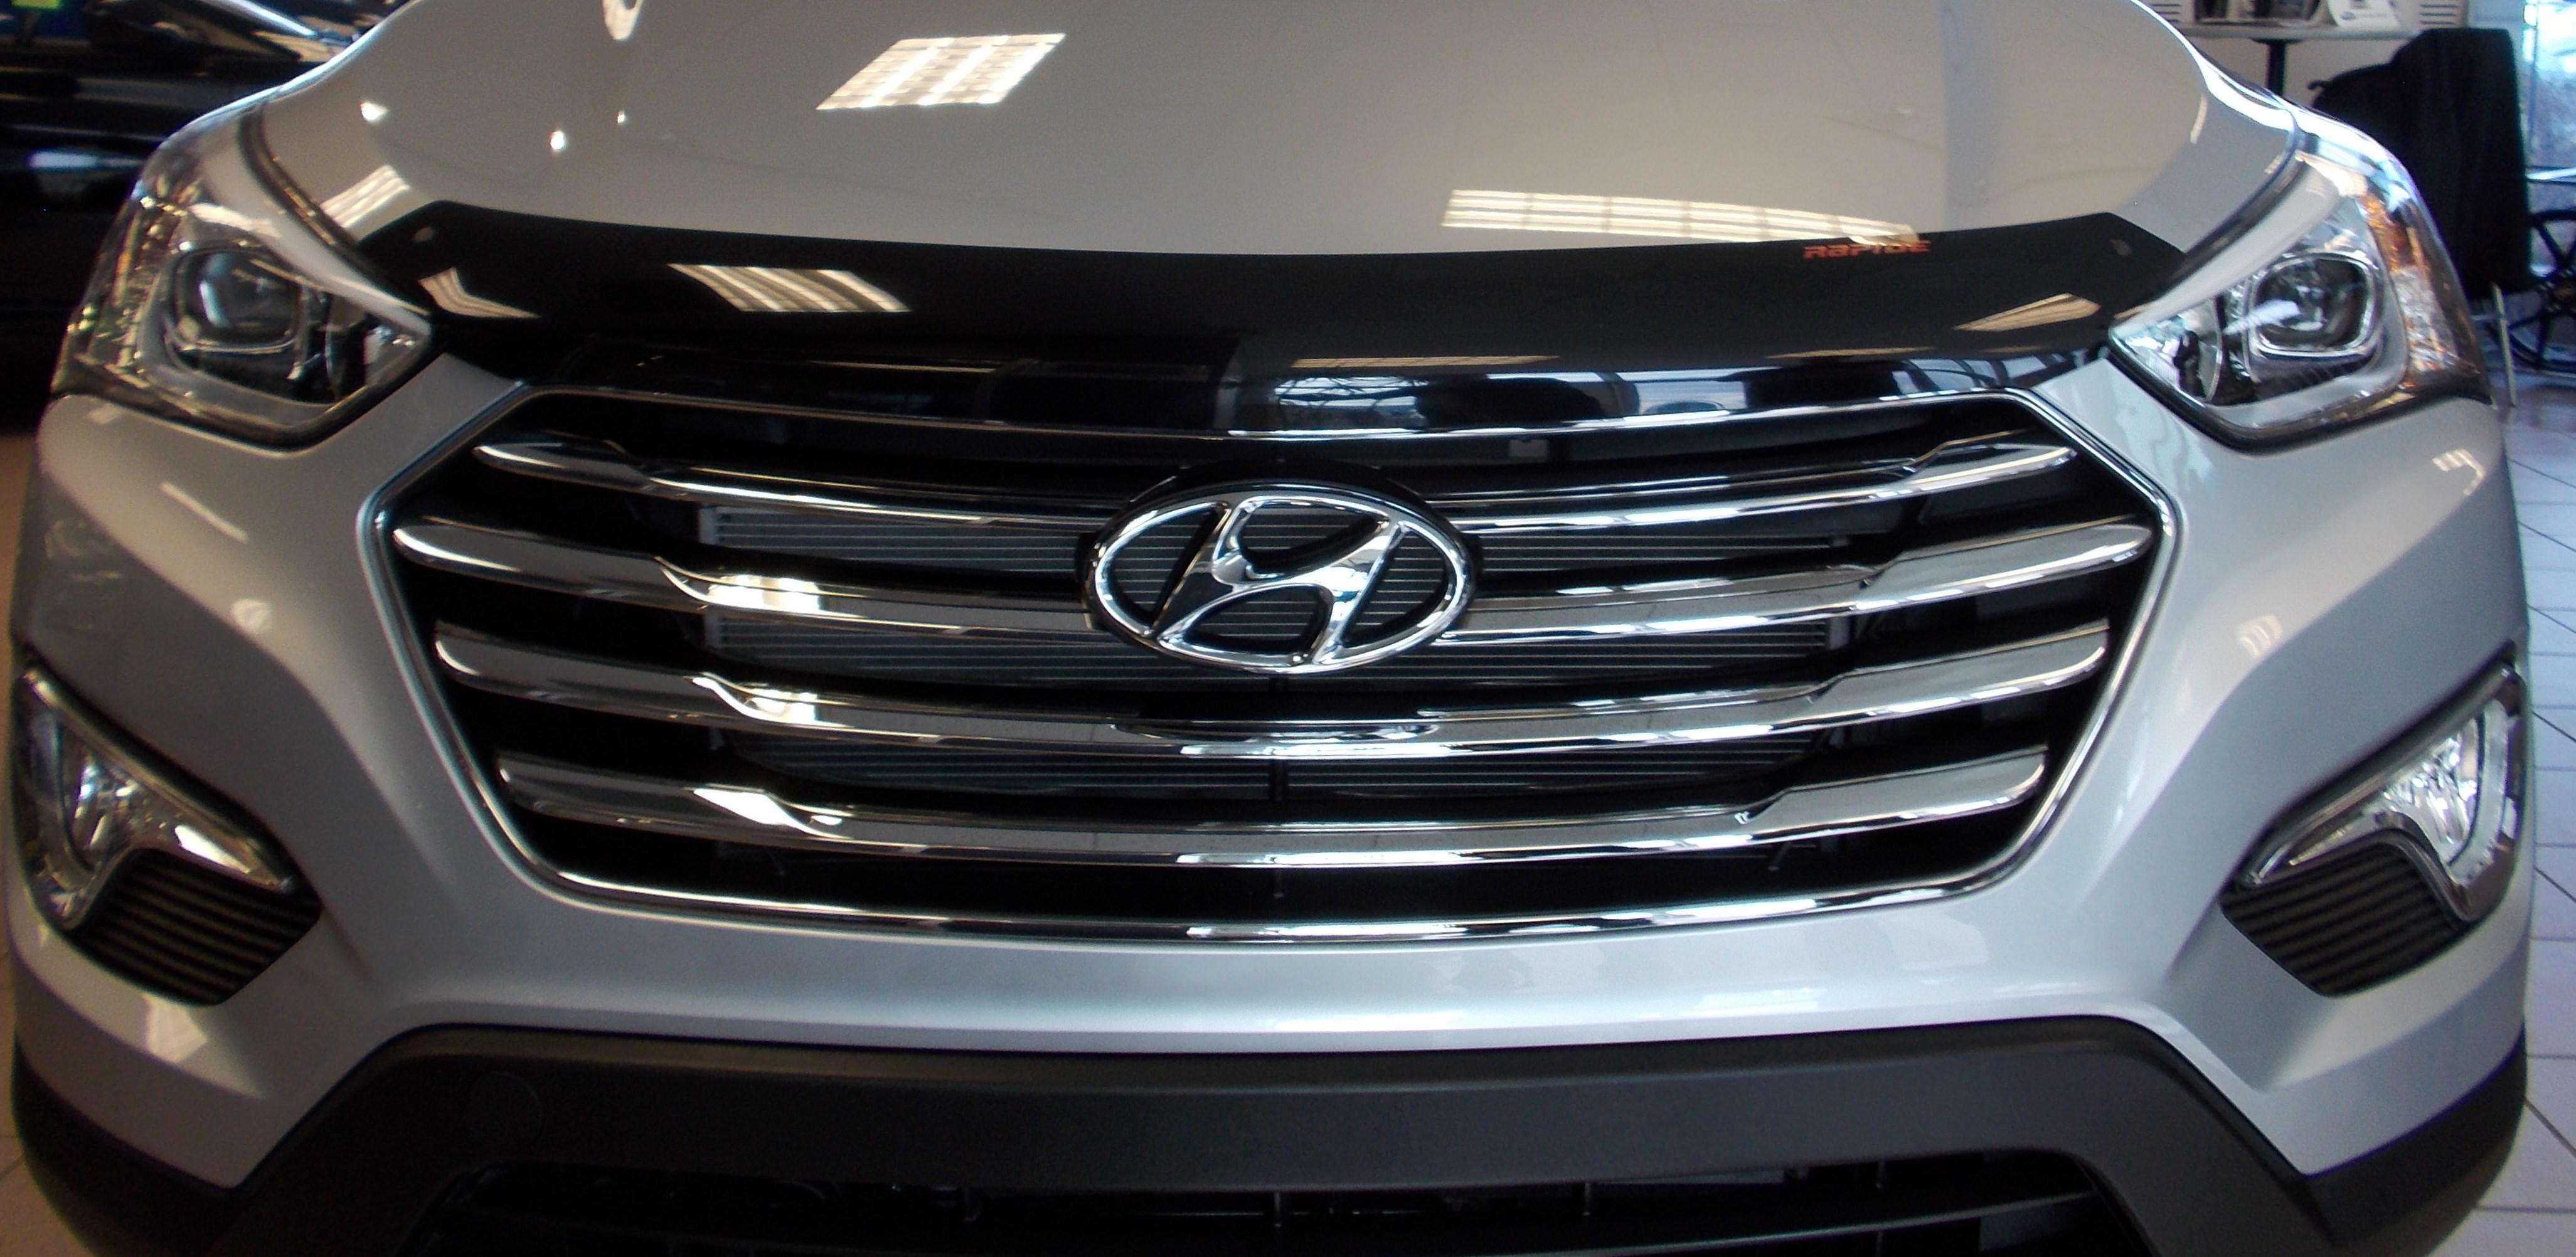 Hyundai Santa Fe 2013 2018 Rapidefit Hood Protector